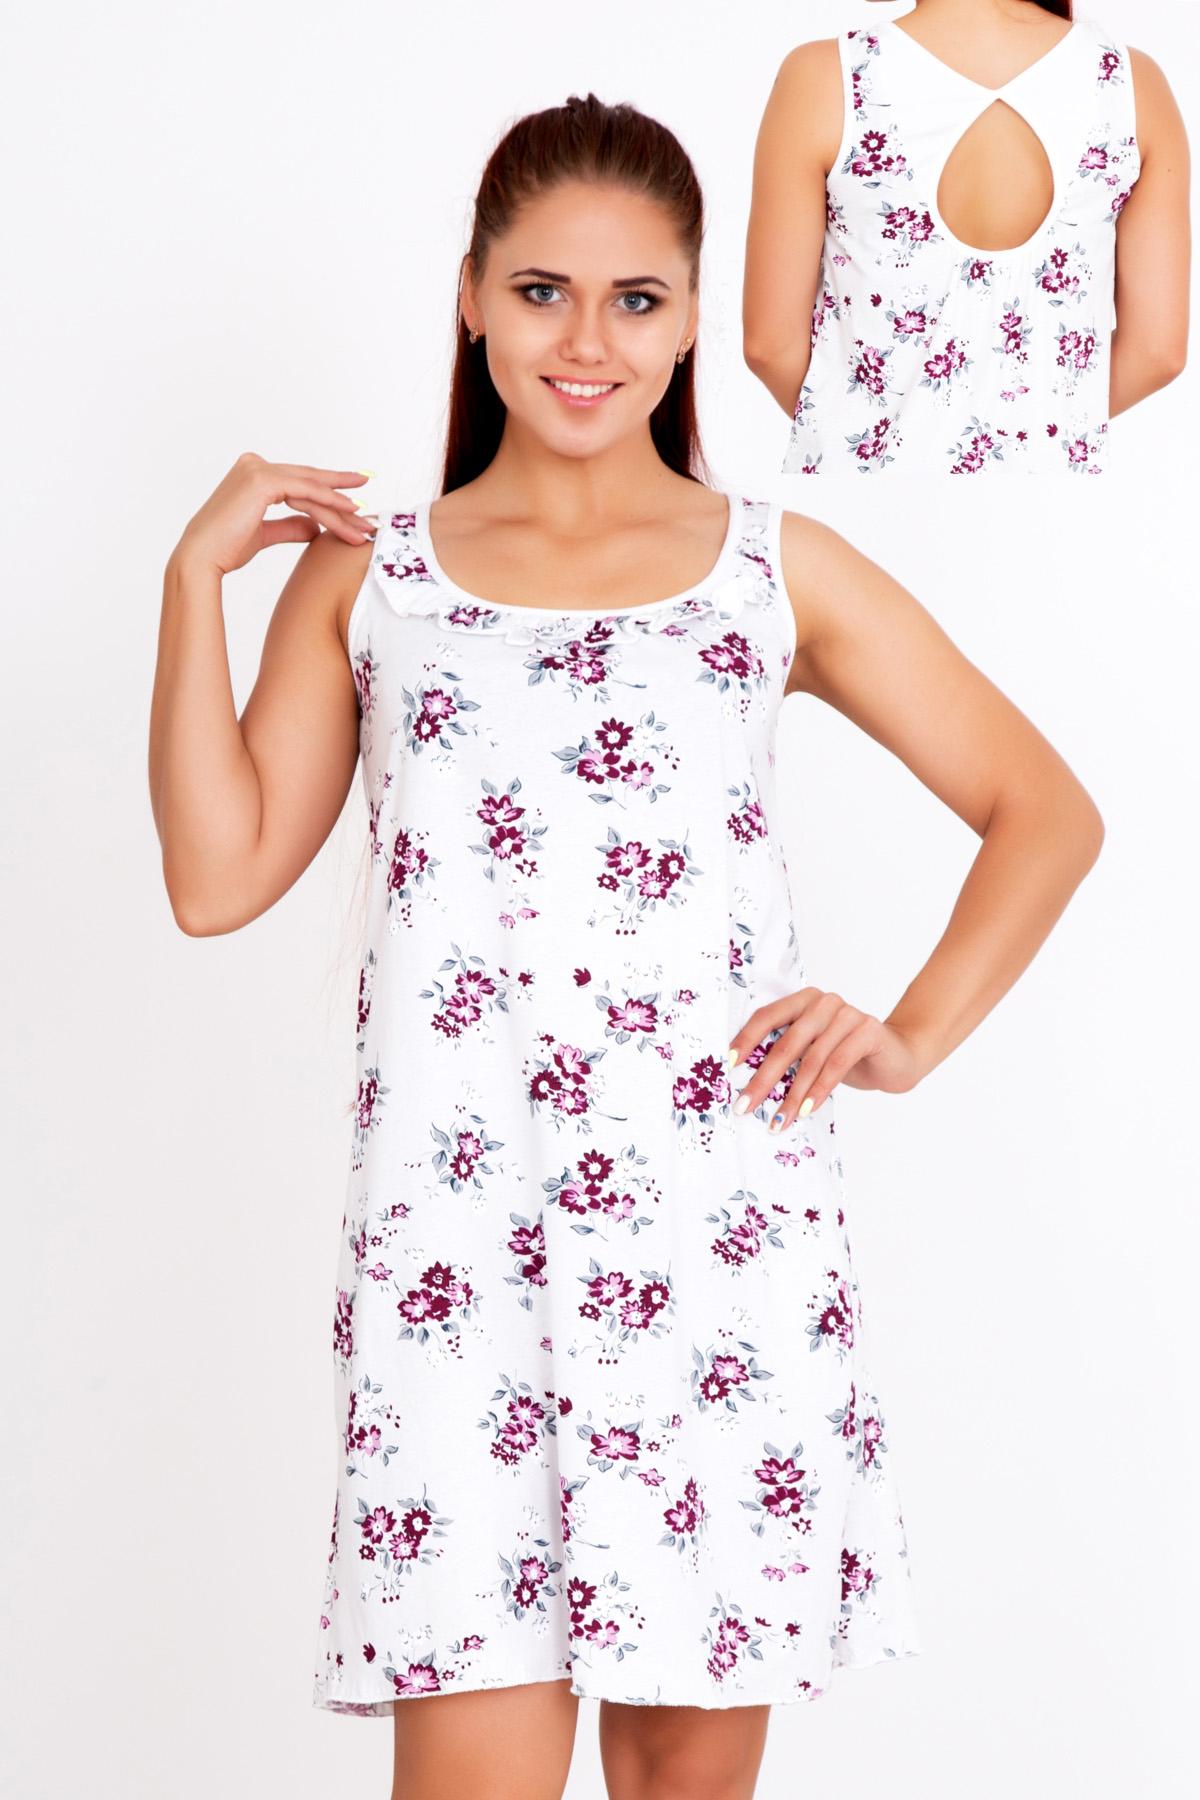 Жен. сорочка Фиалка р. 54Пижамы и ночные сорочки<br>Обхват груди:108 см<br>Обхват талии:88 см<br>Обхват бедер:116 см<br>Длина по спинке:91 см<br>Рост:167 см<br><br>Тип: Жен. сорочка<br>Размер: 54<br>Материал: Кулирка